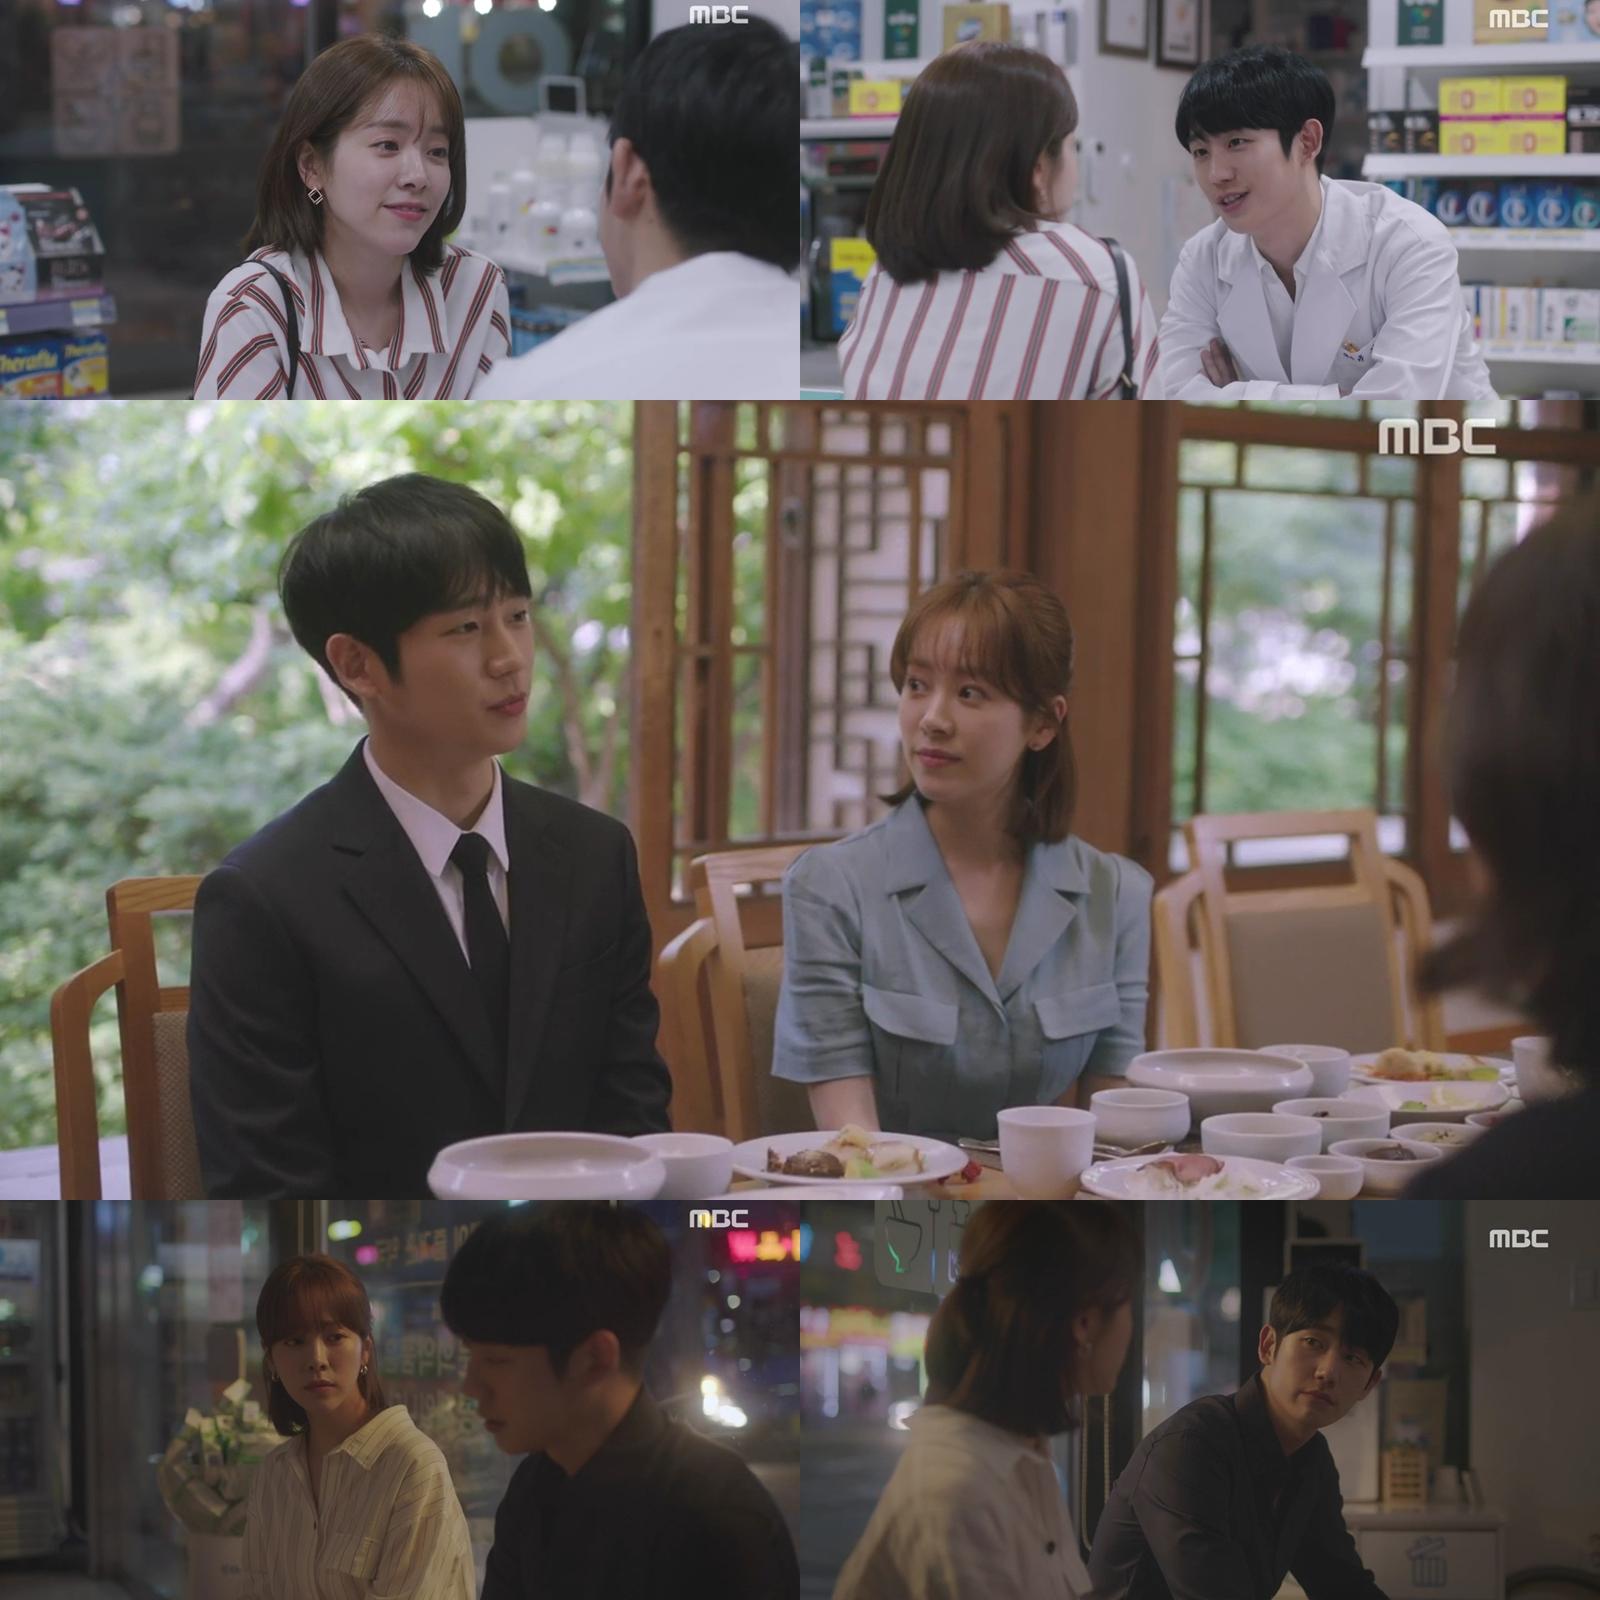 '봄밤' 한지민♥정해인, 현실 멜로에서 인생 멜로로 인정받으며 최고 시청률로 종영!